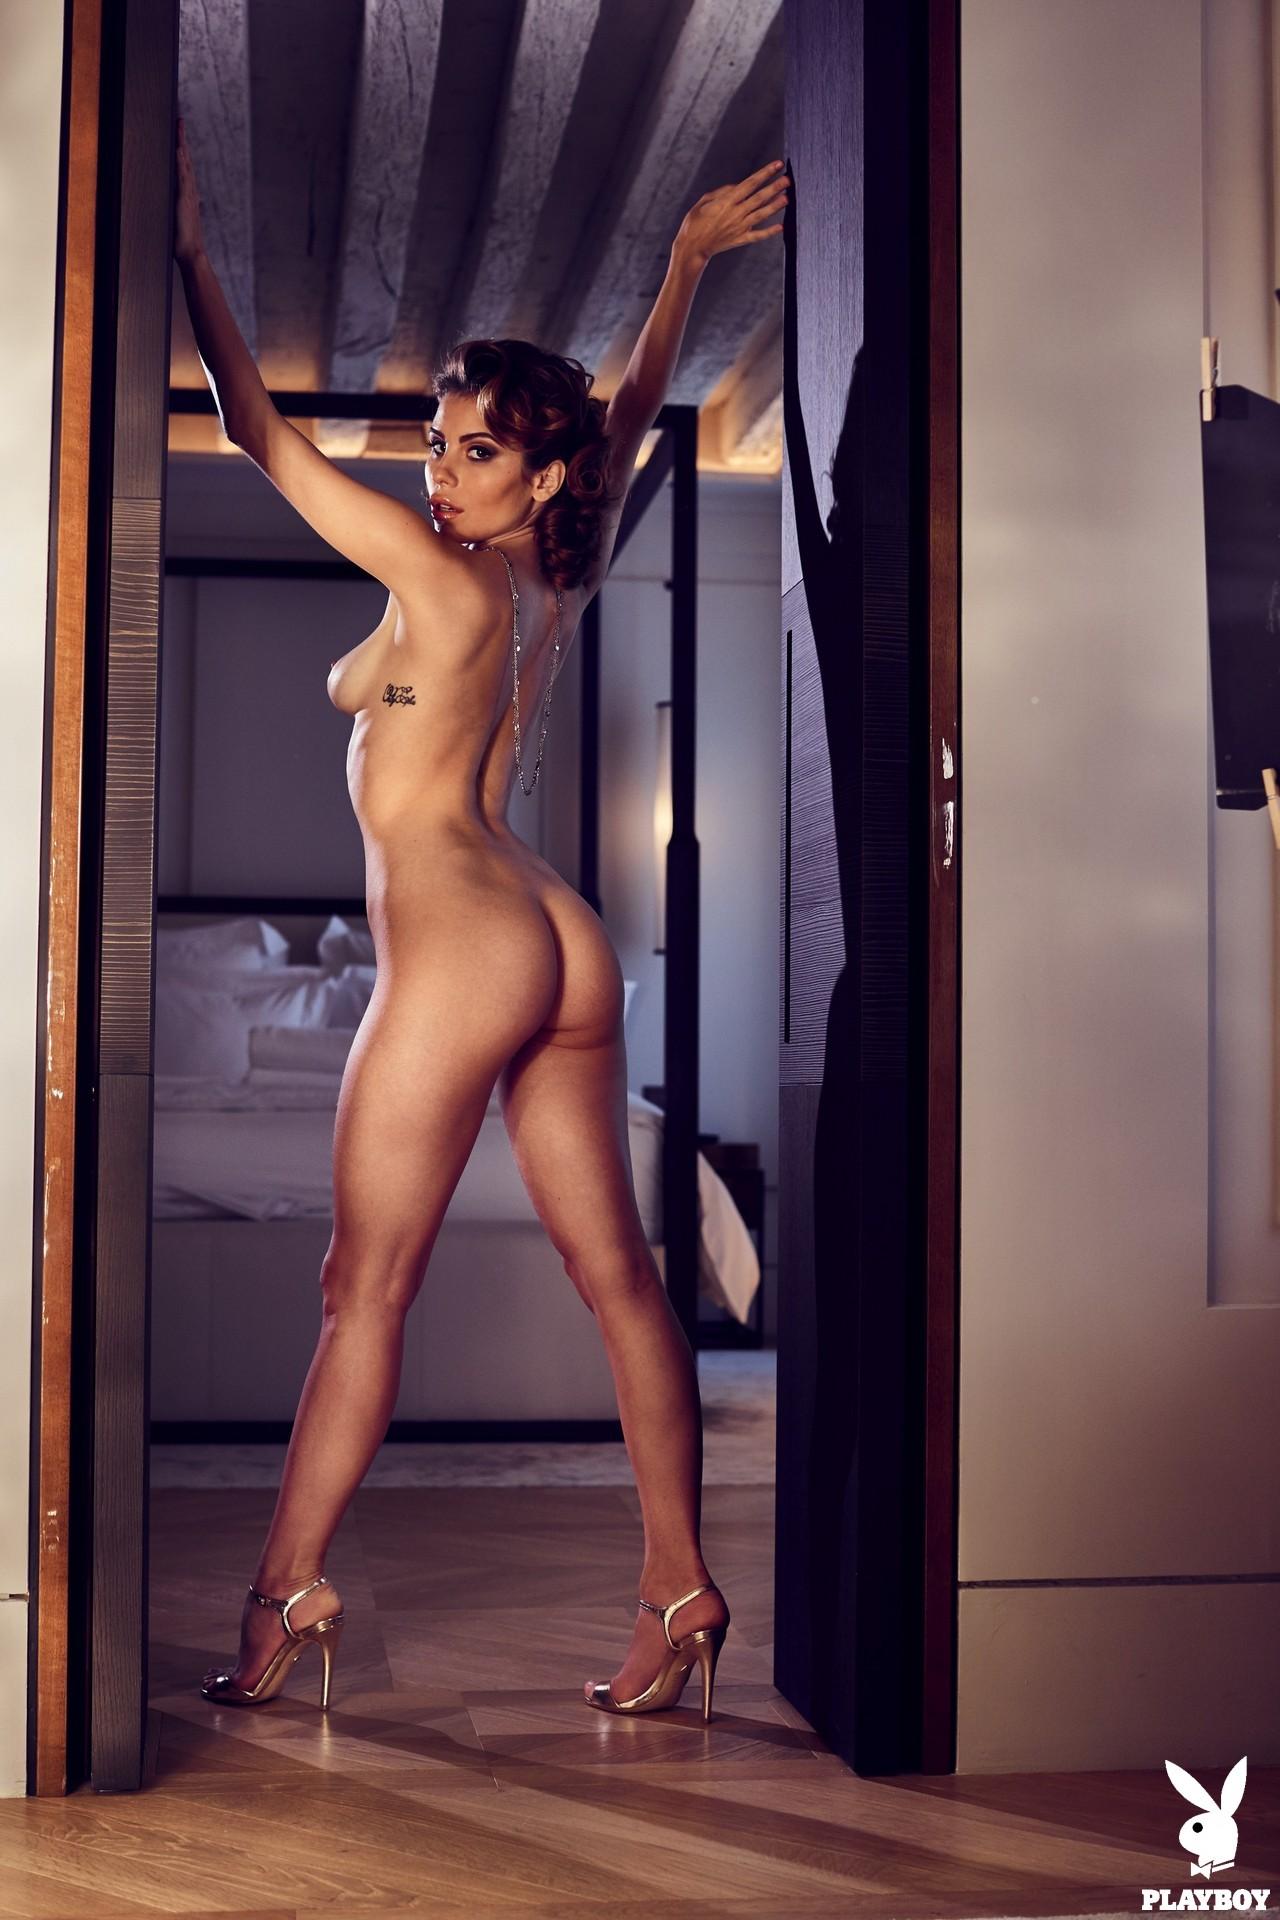 Chiara Arrighi in Playboy Germany Vol. 3 - Playboy Plus 14